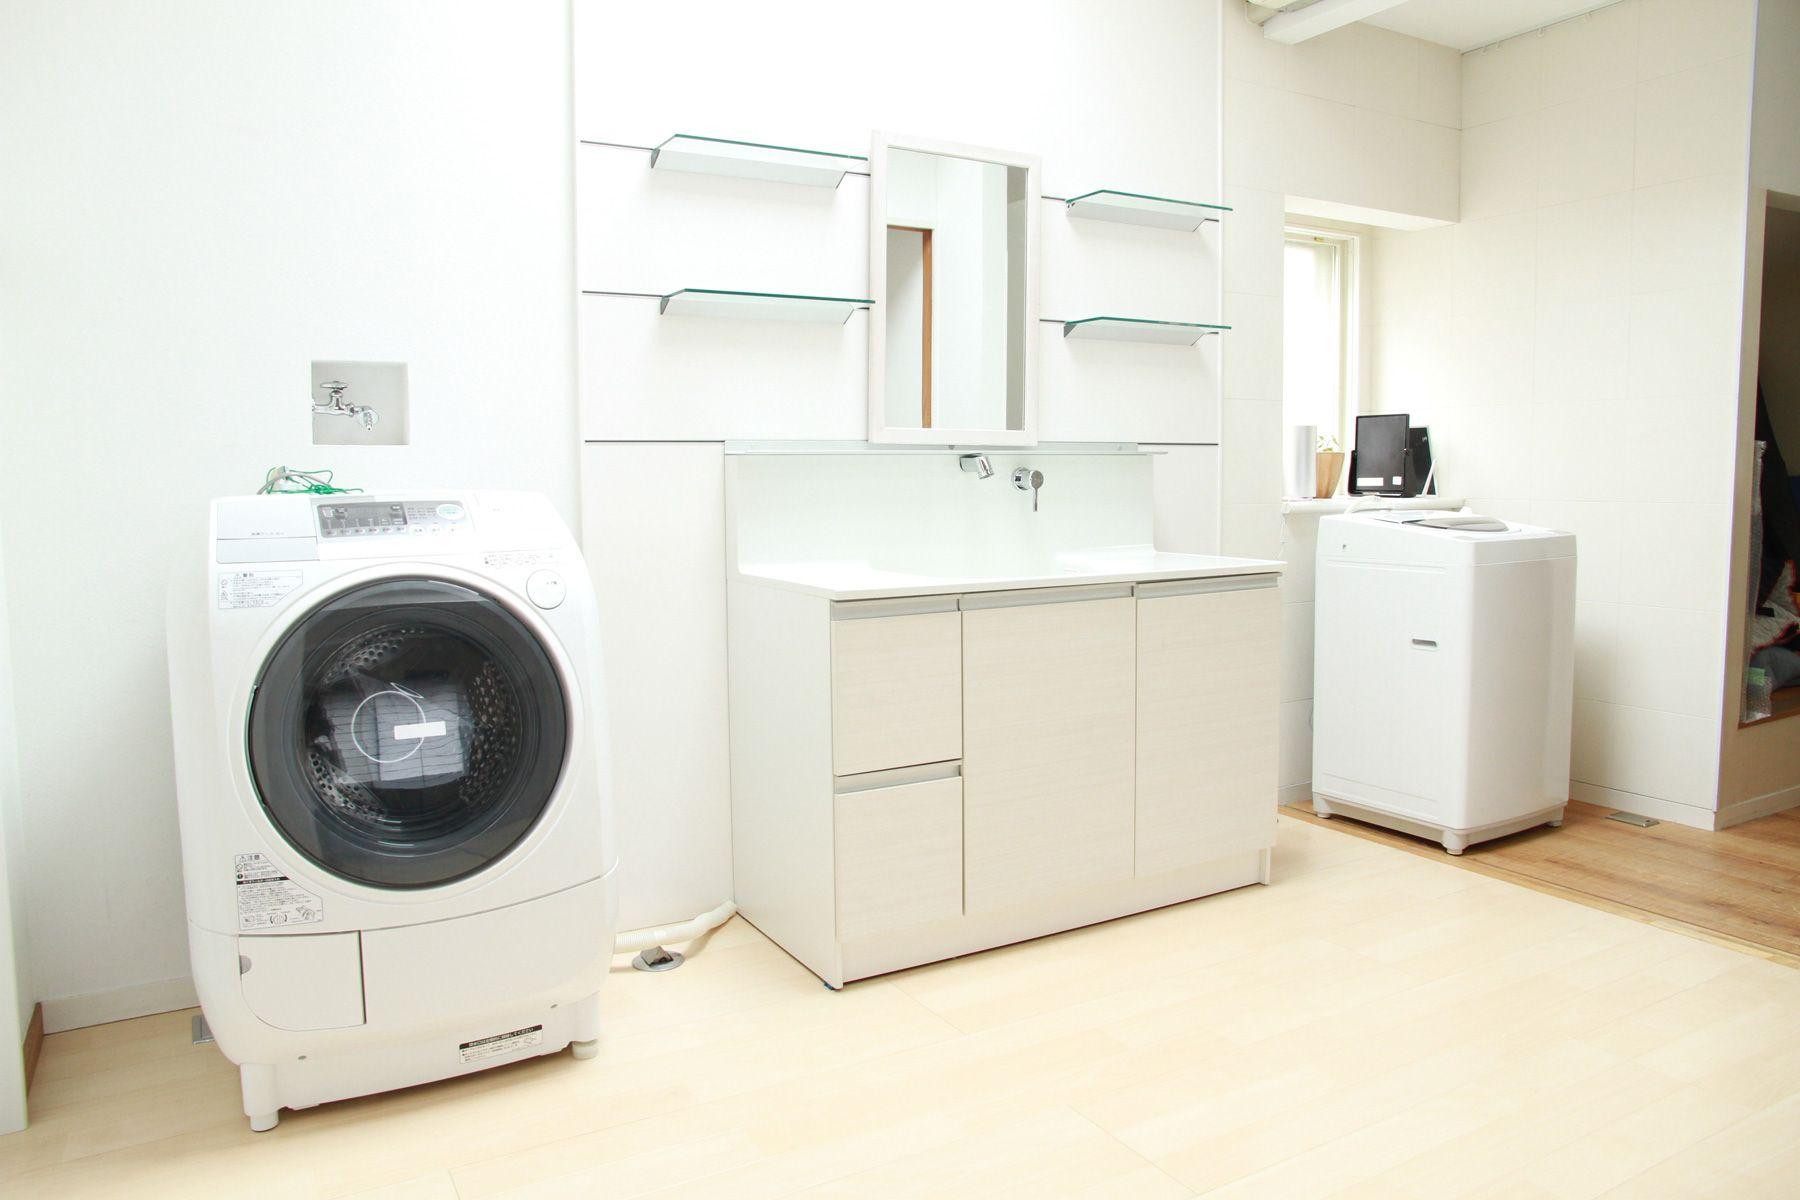 つつじが丘キッチン&ハウススタジオ2F_洗濯機、洗面台